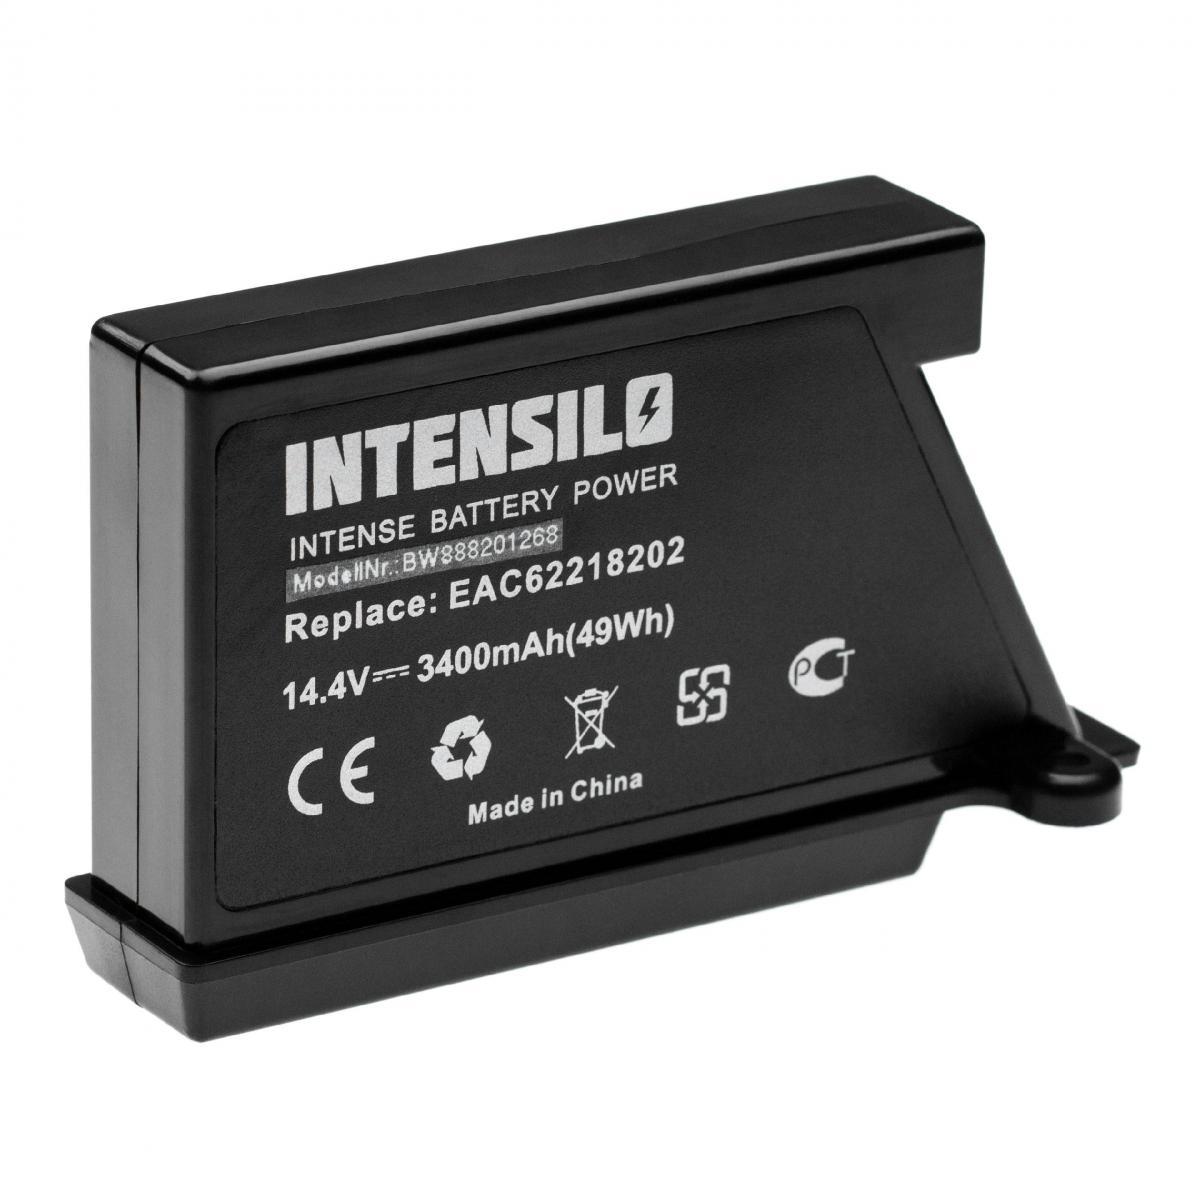 Vhbw INTENSILO Batterie compatible avec LG HOM-BOT VR65704LVM, VR6570LVM, VR65710LVMP robot électroménager (3400mAh, 14,4V, L